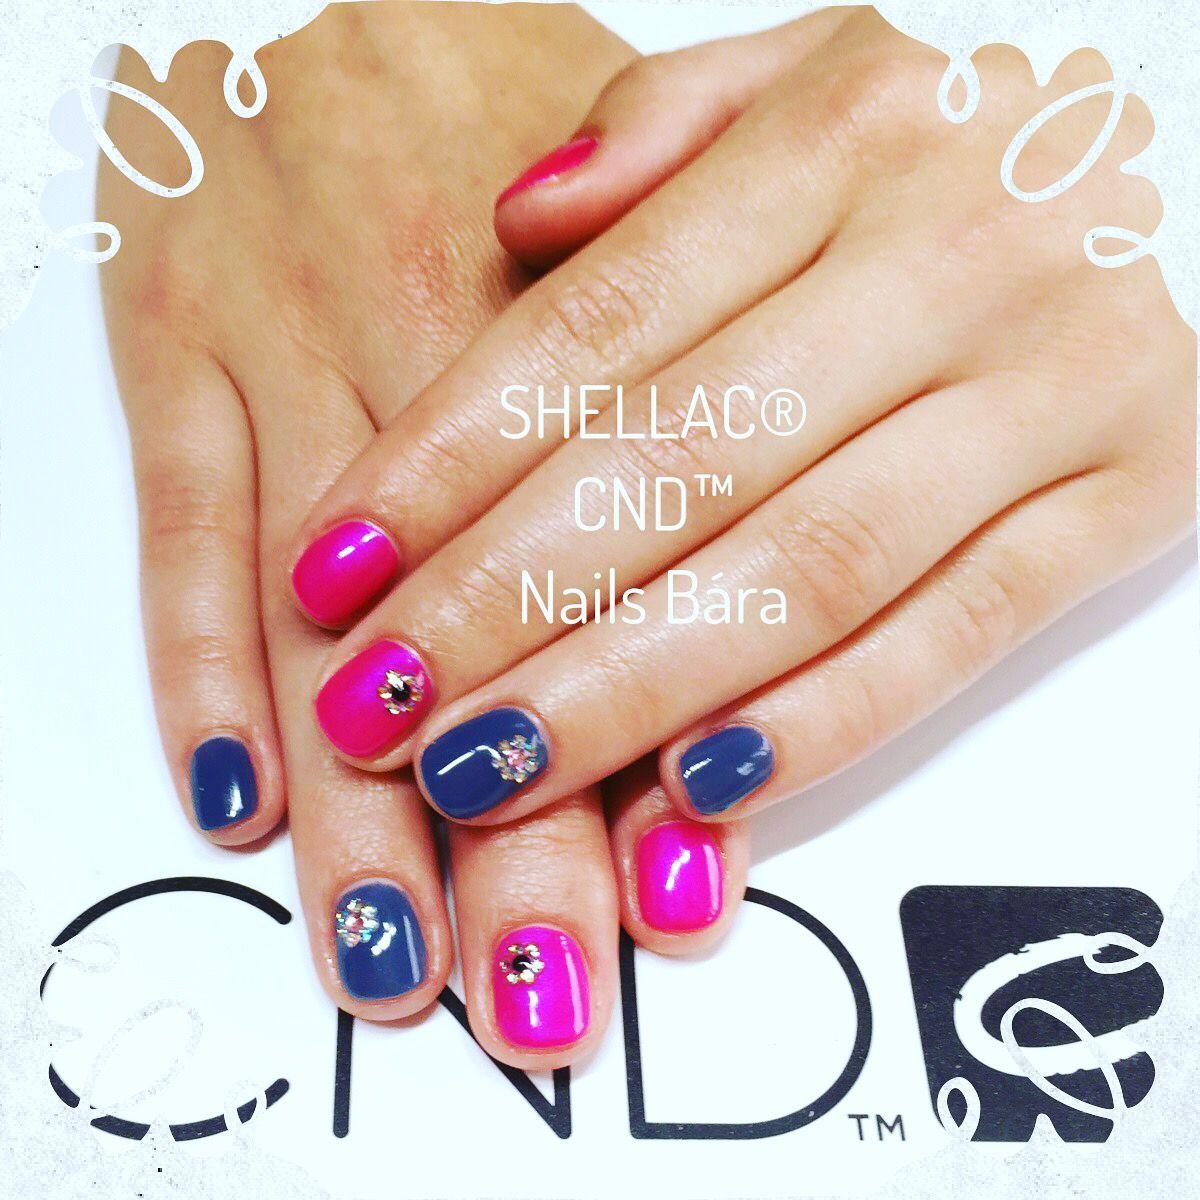 Pin By Shellac Bara Ricany On Jarni Nehty Nails Shellac Cnd